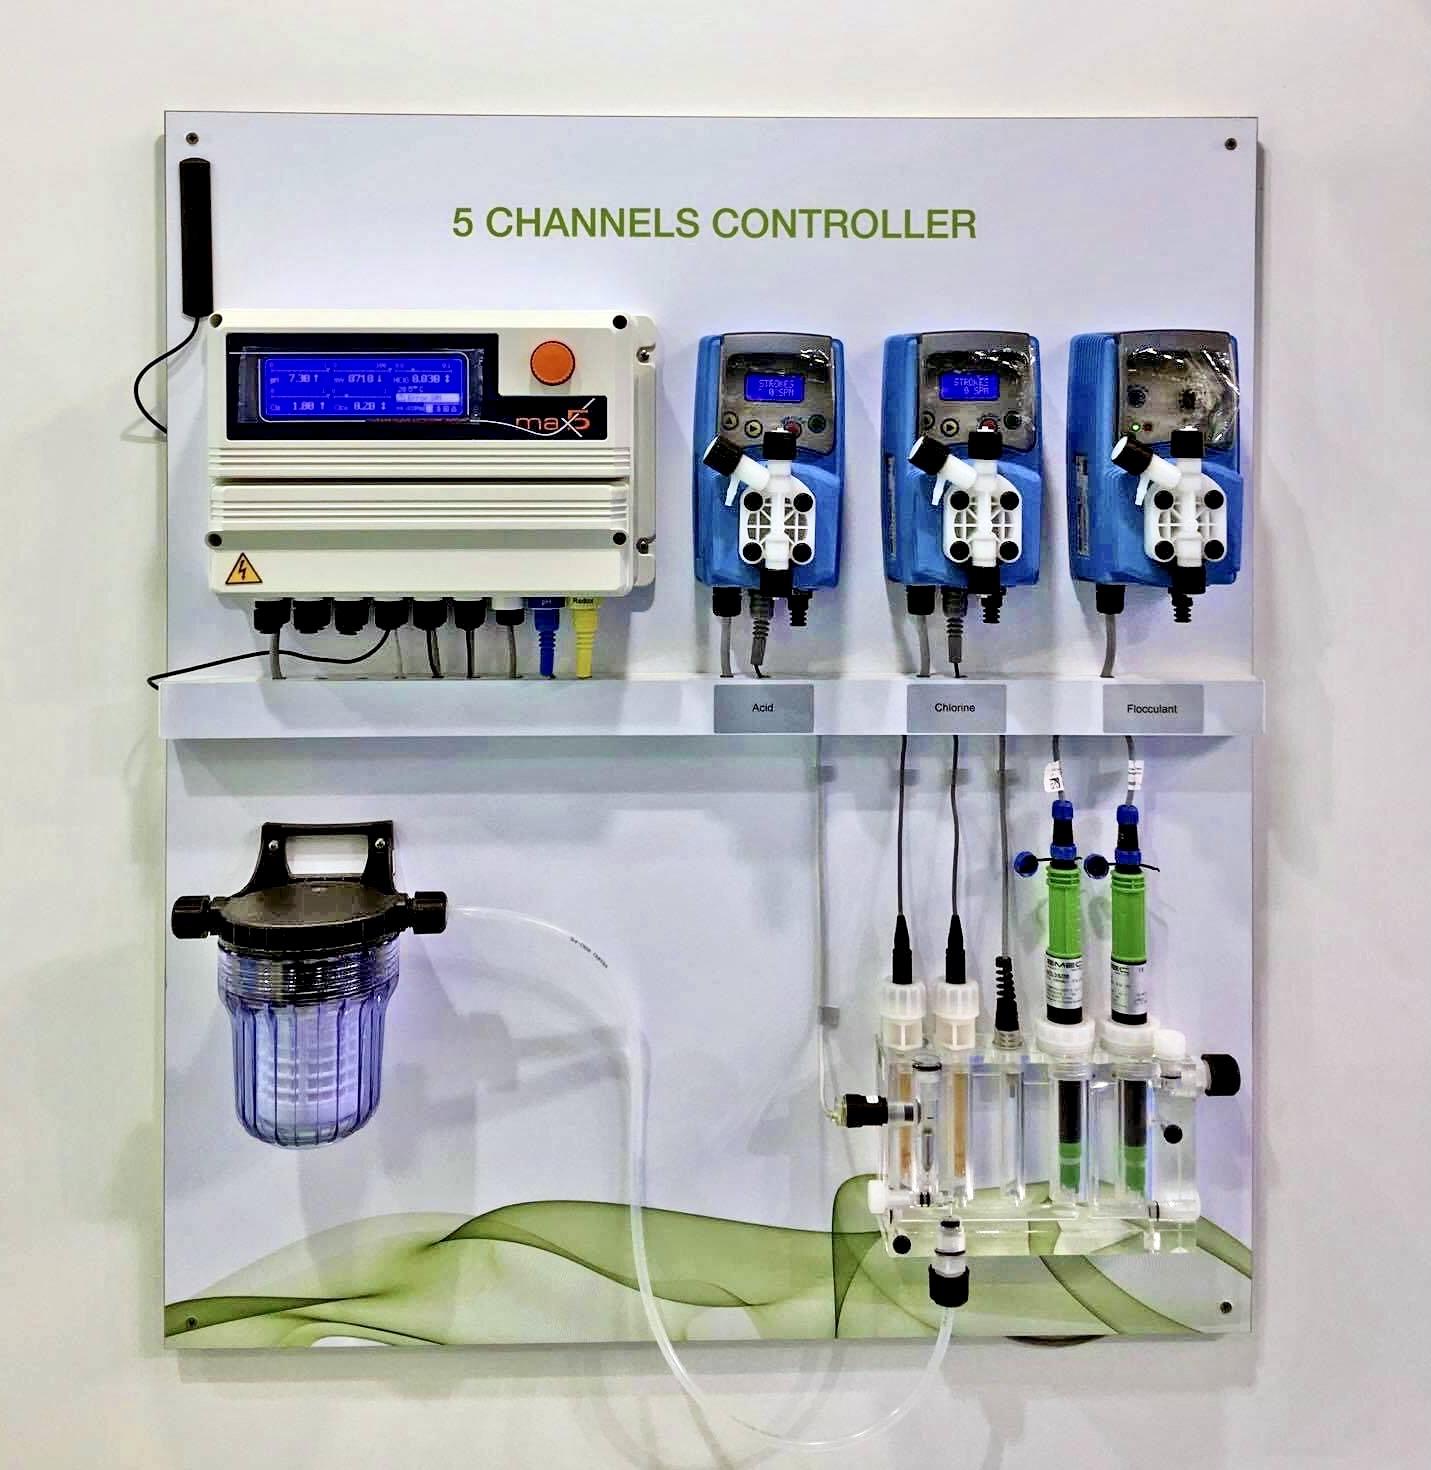 Thiết bị đo và giám sát 5 kênh pH, Chlorine, ORP, độ dẫn điện và nhiệt độ